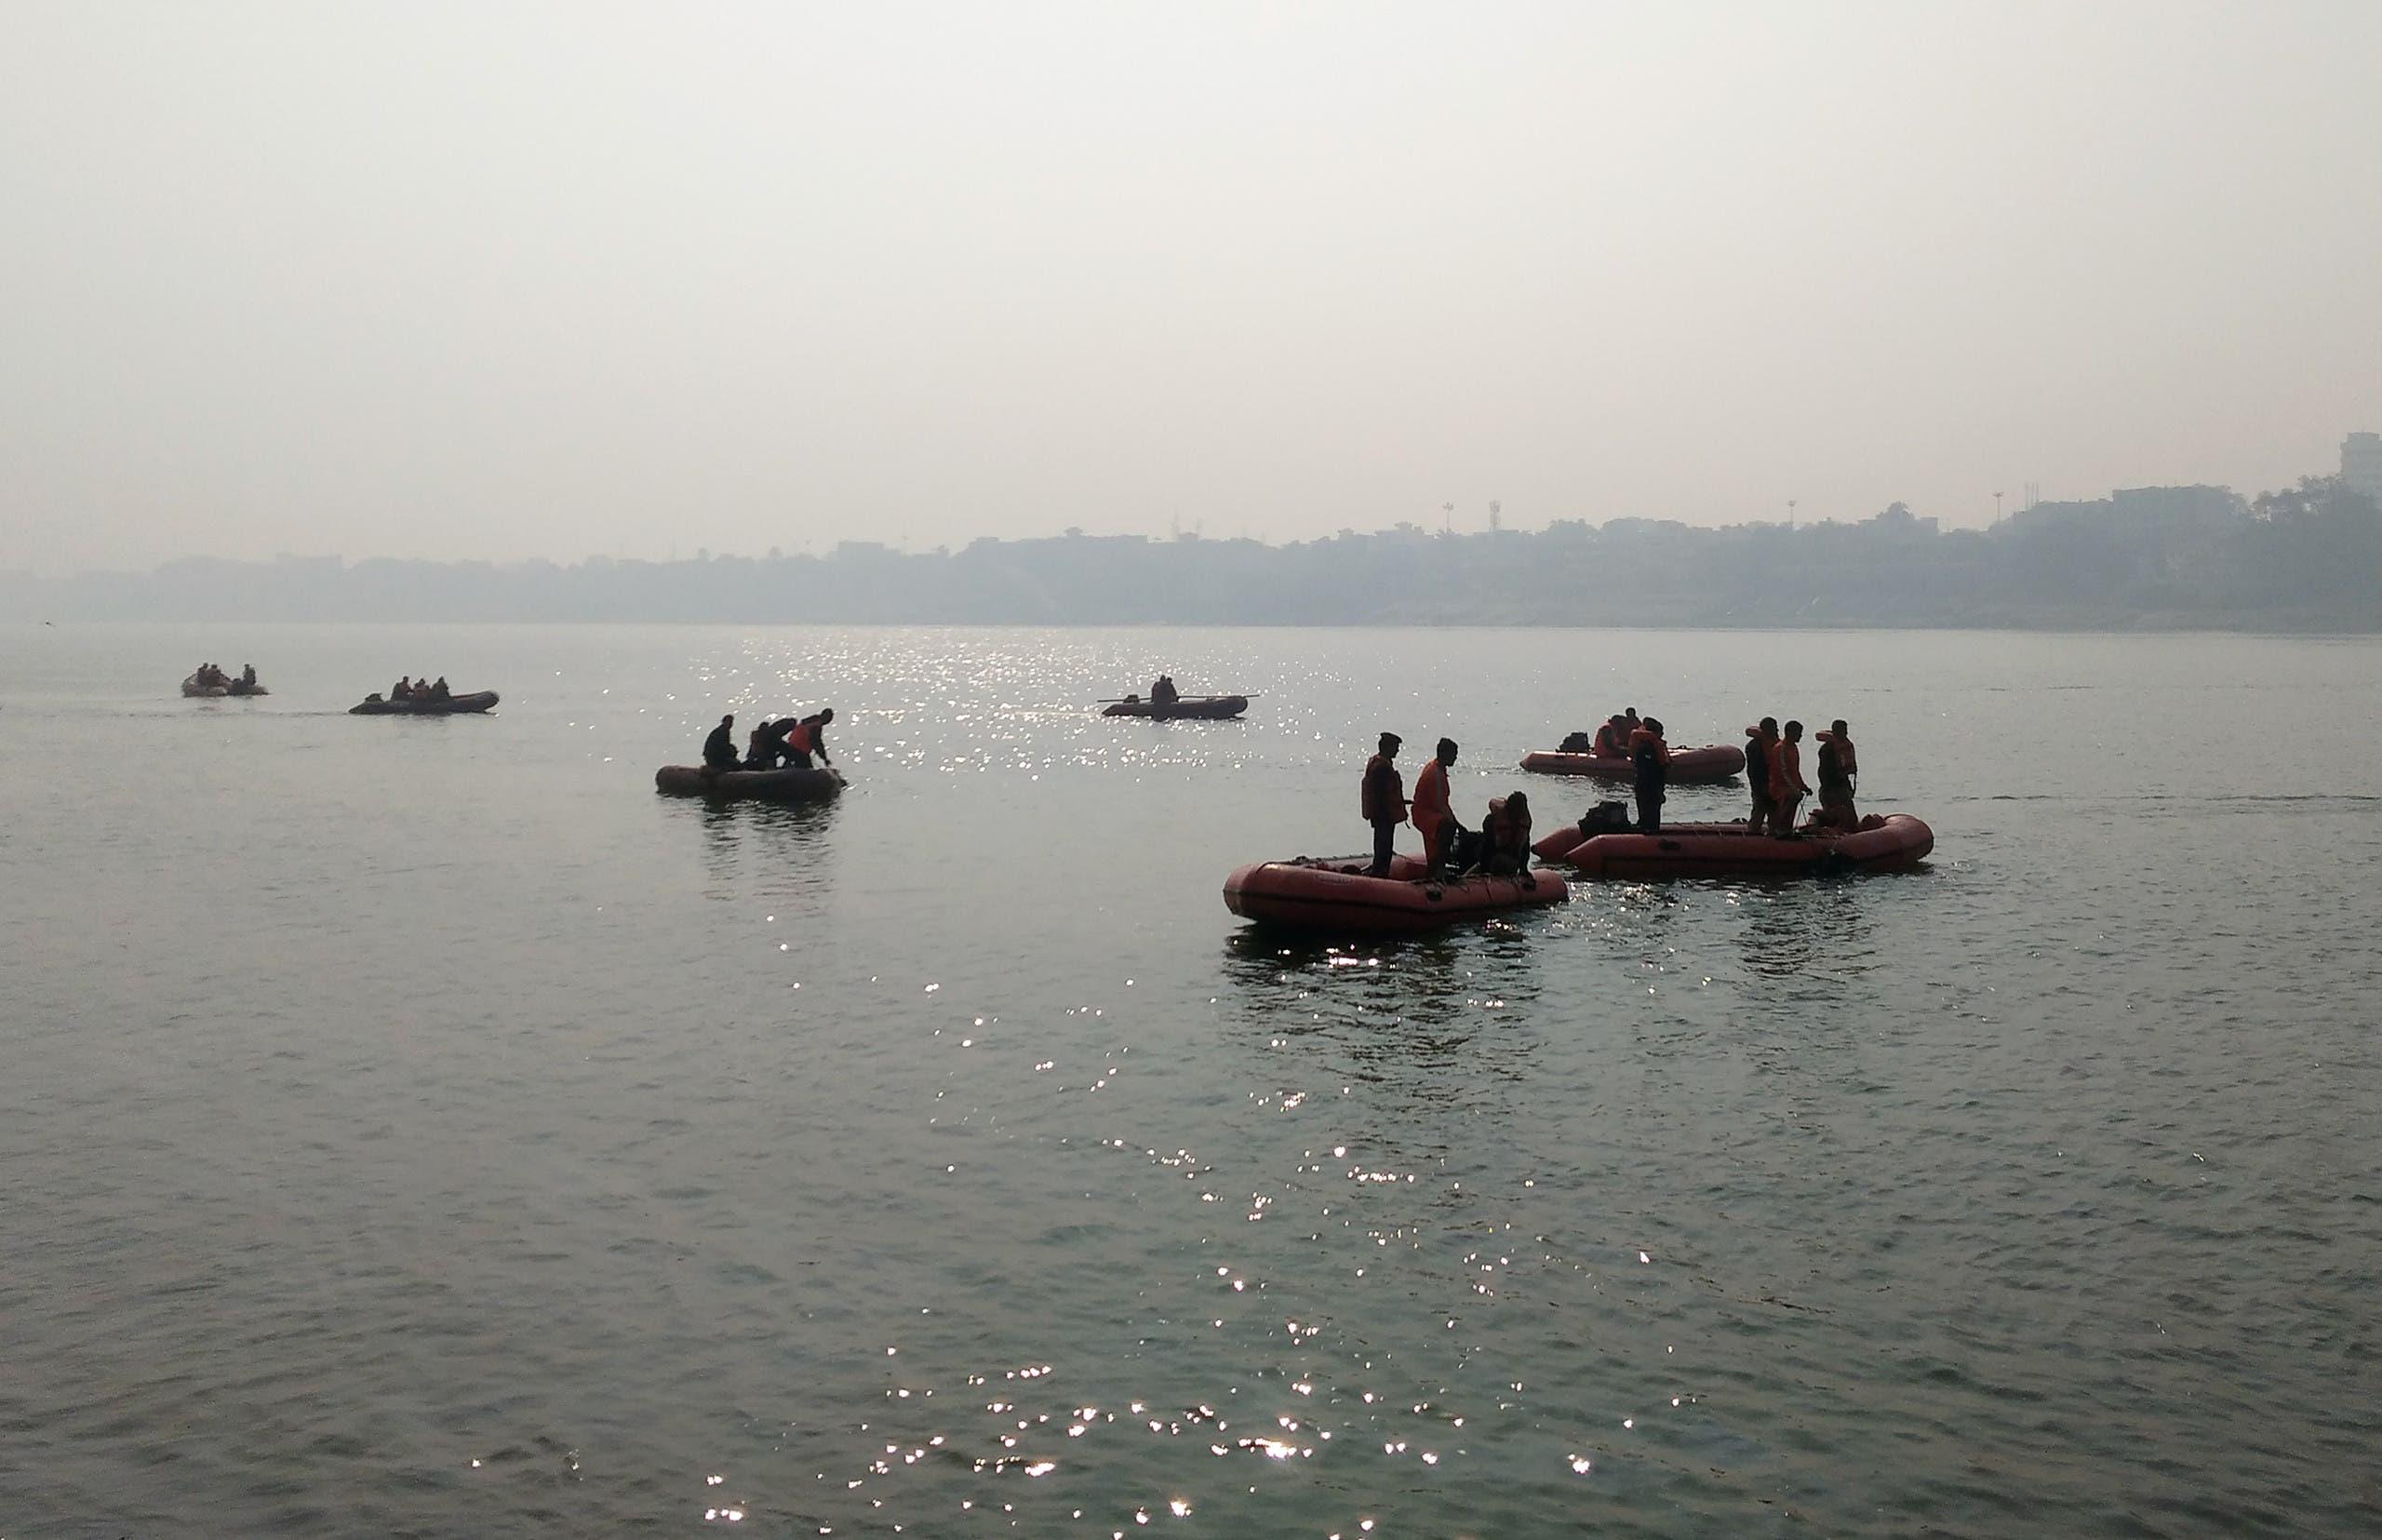 عمال الإغاثة يبحثون عن الغرقى